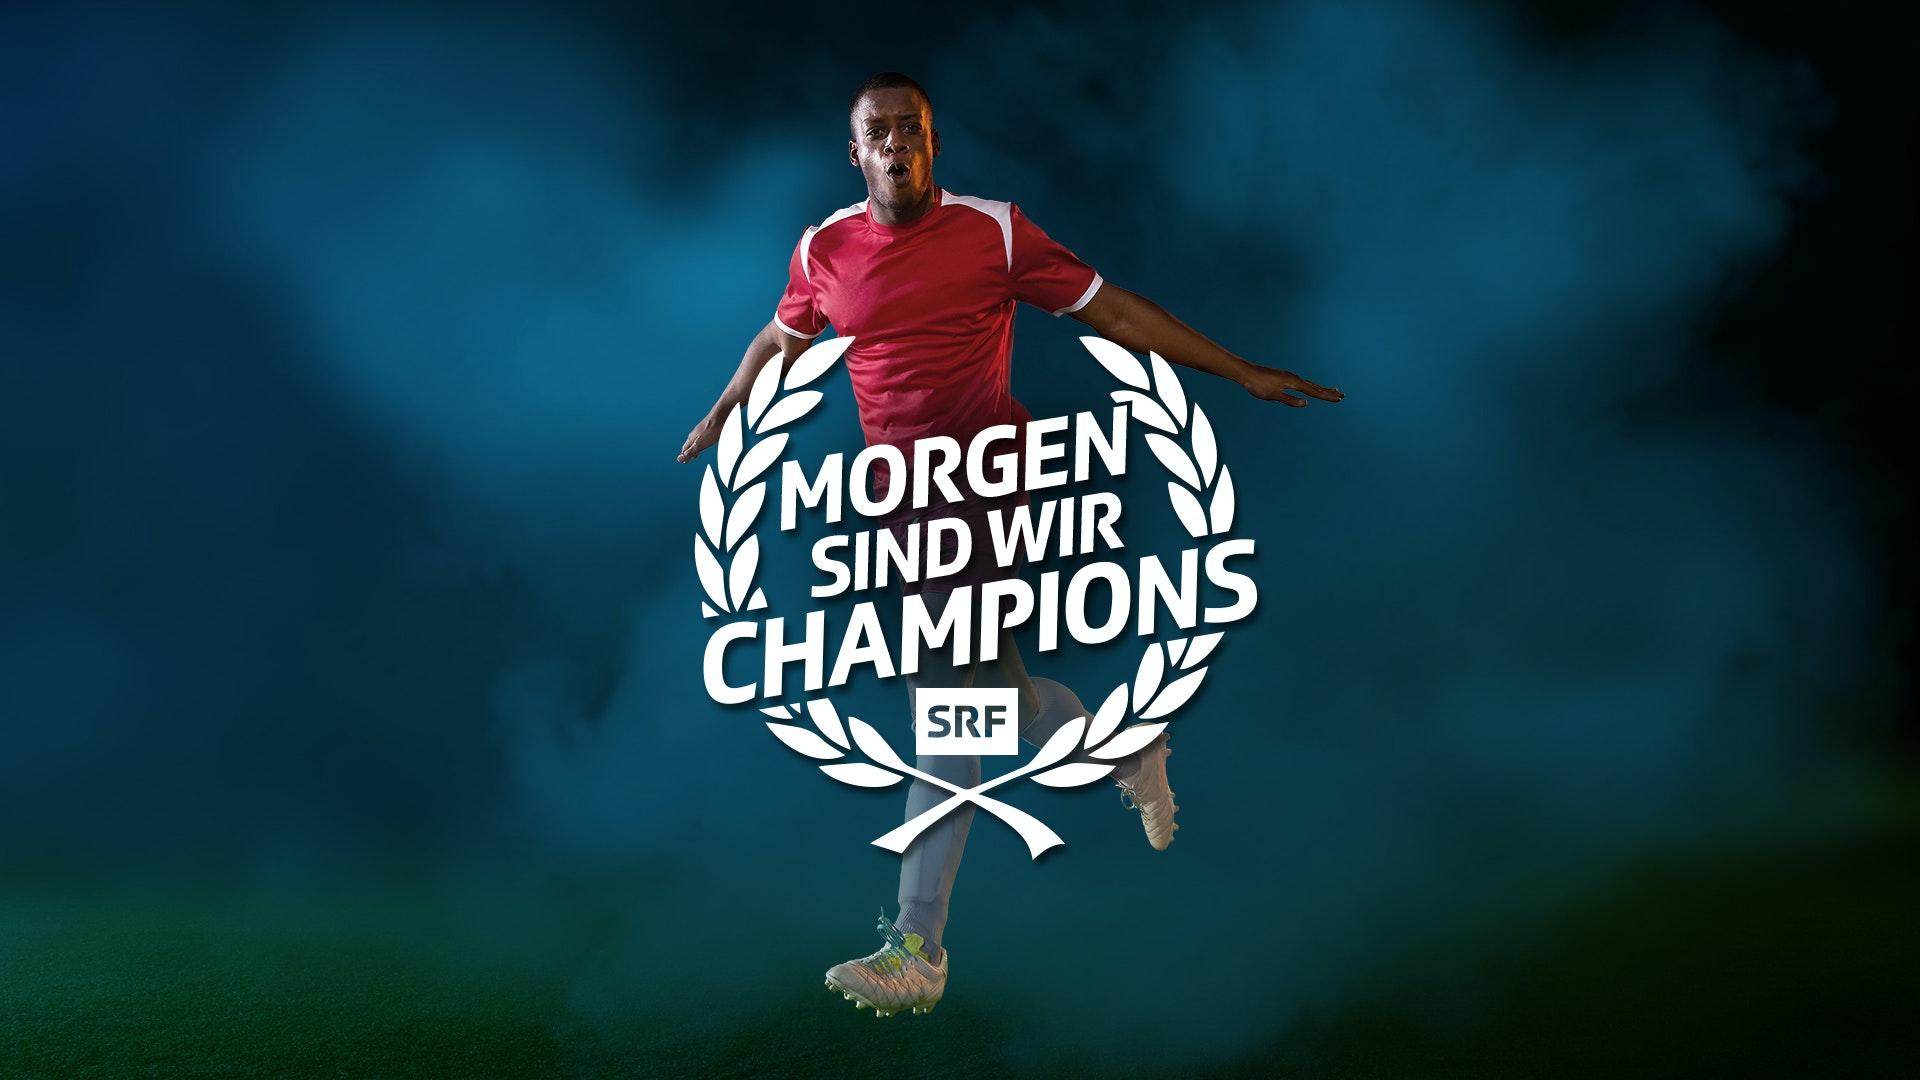 Morgen sind wir Champions Fussball Mann 2 Keyvisual MASTER